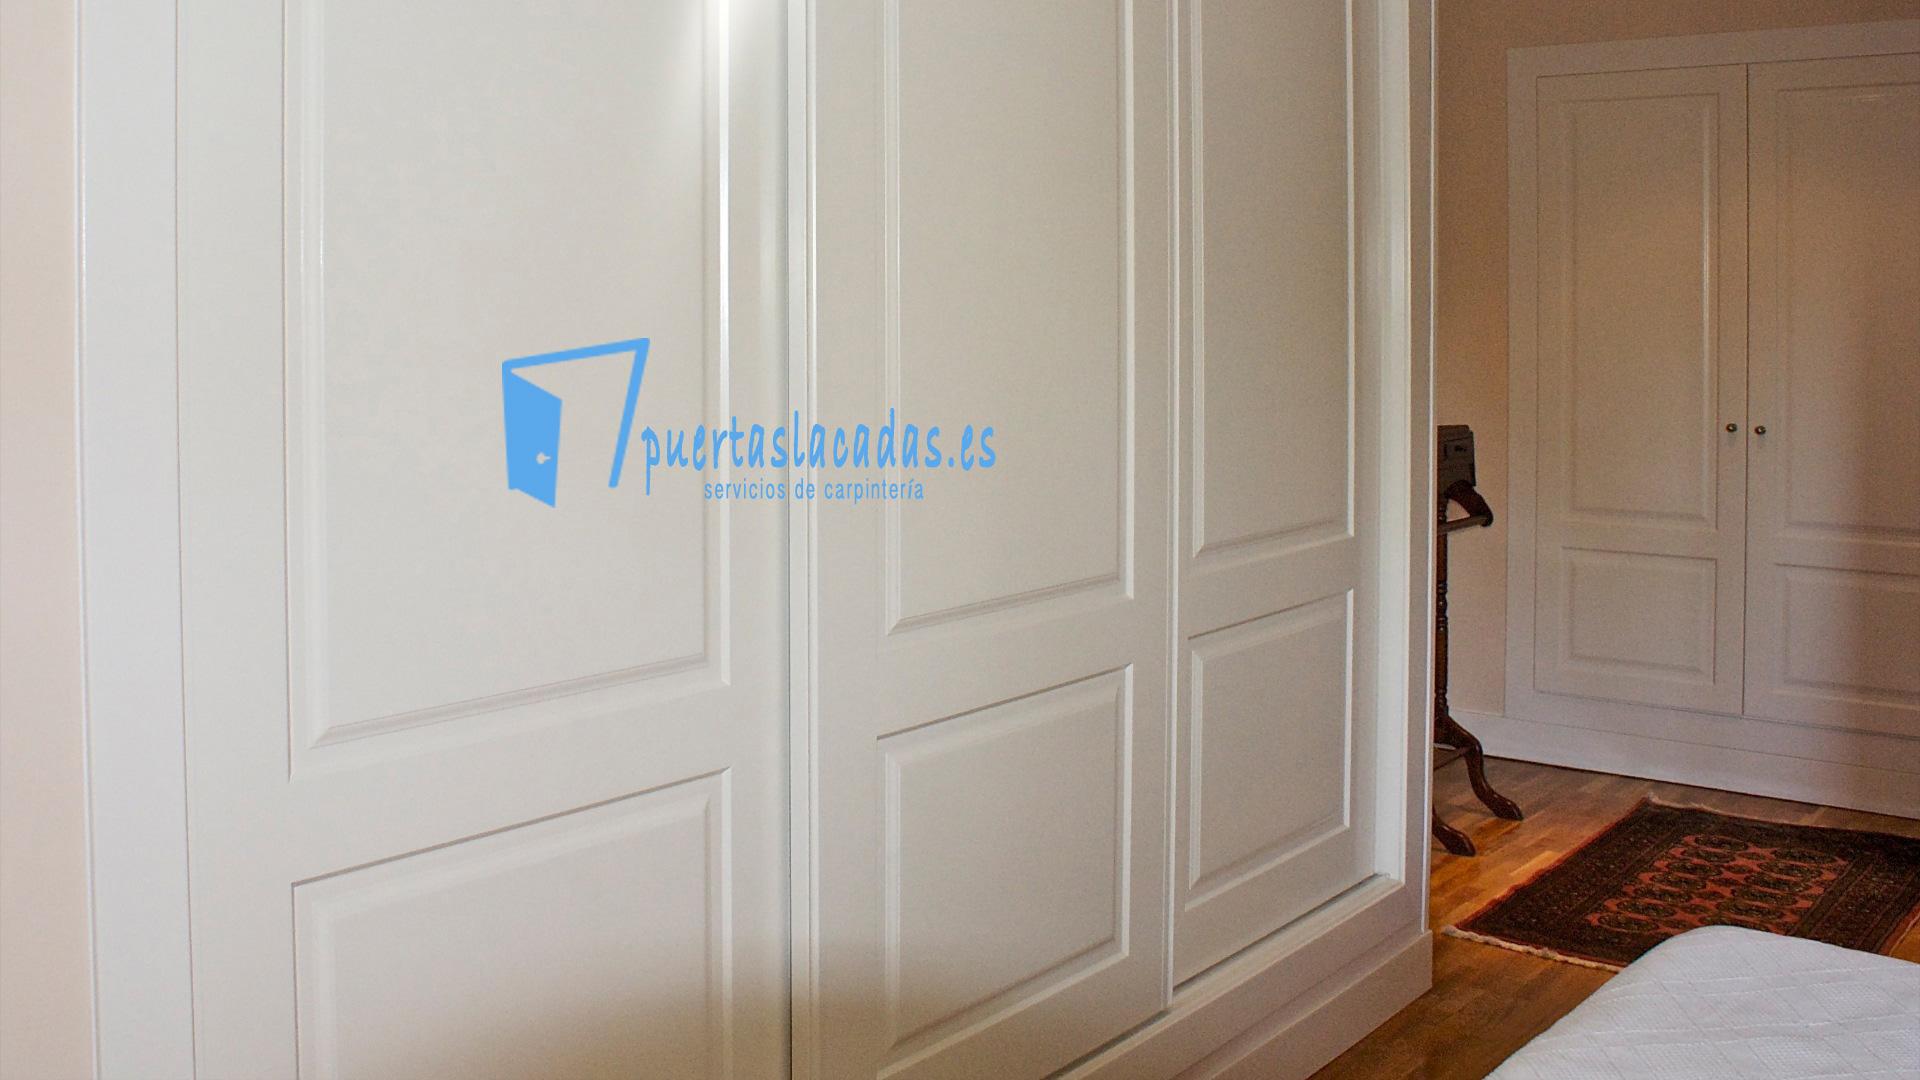 Como lacar un armario cheap cunto costara lacar puertas - Cuanto cuesta lacar un mueble ...